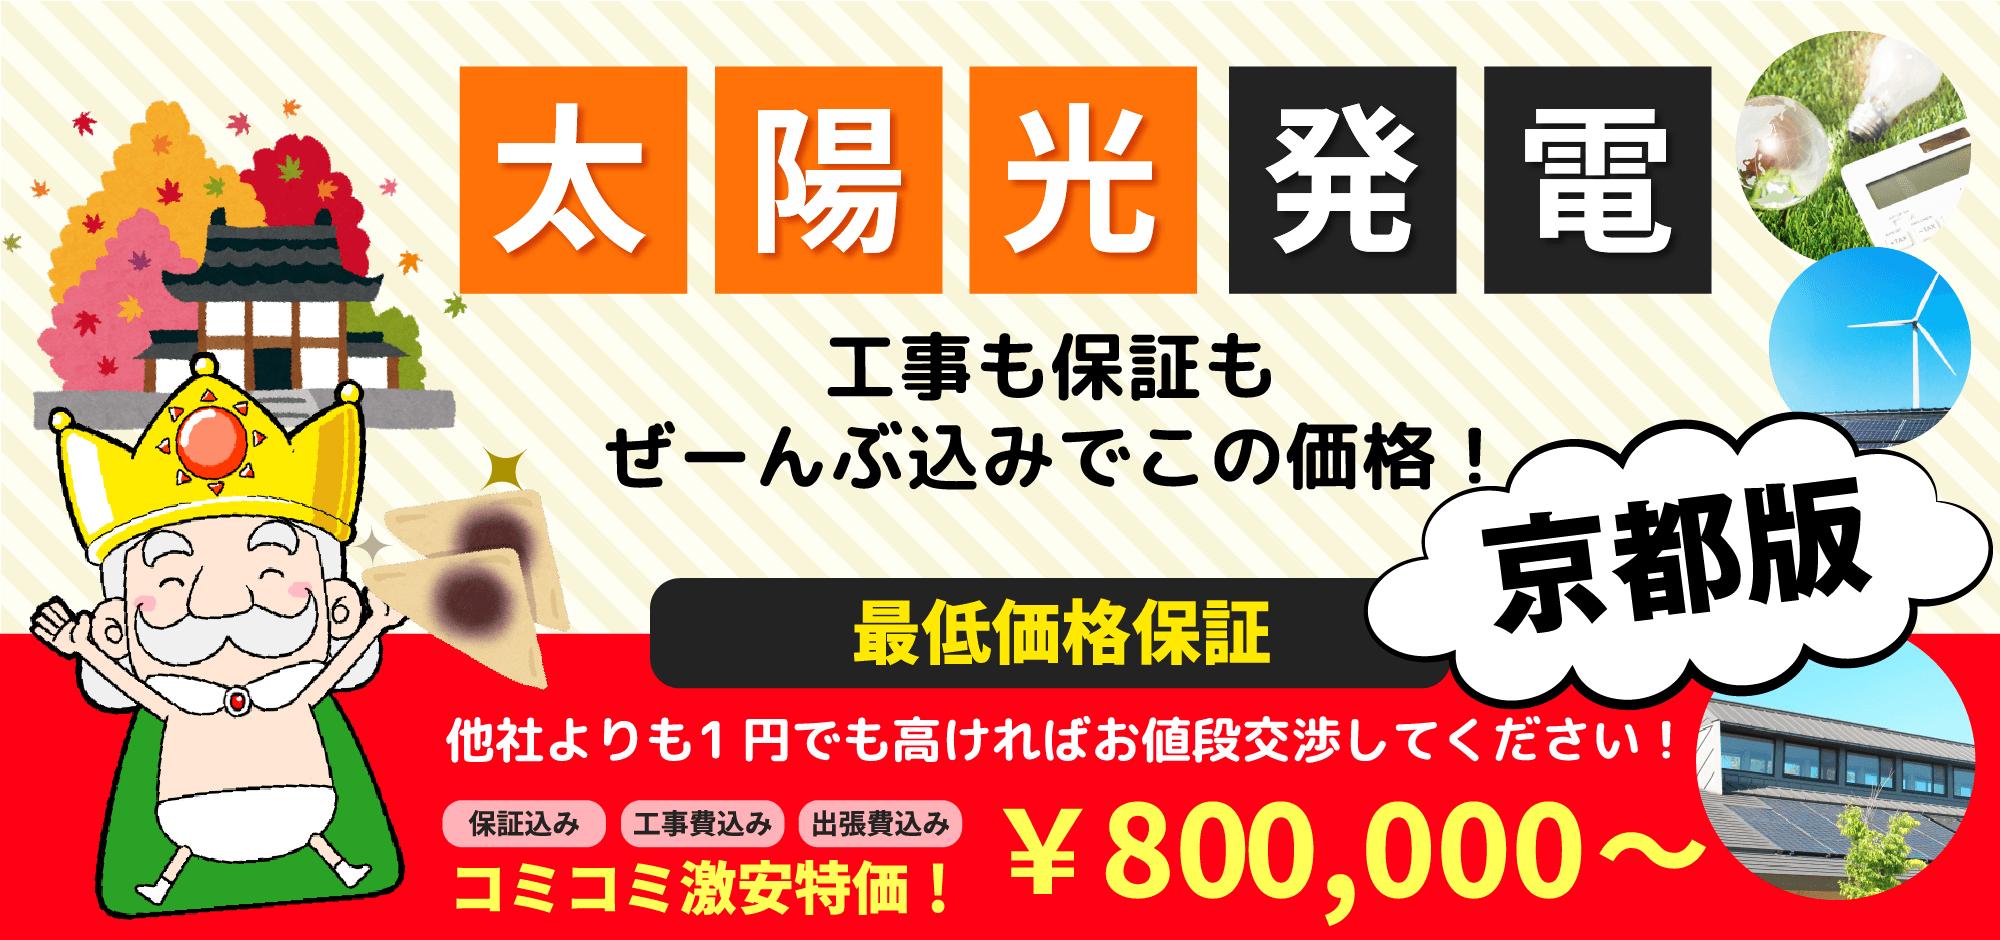 太陽光発電 工事も保証もぜーんぶ込みでこの価格! 京都版